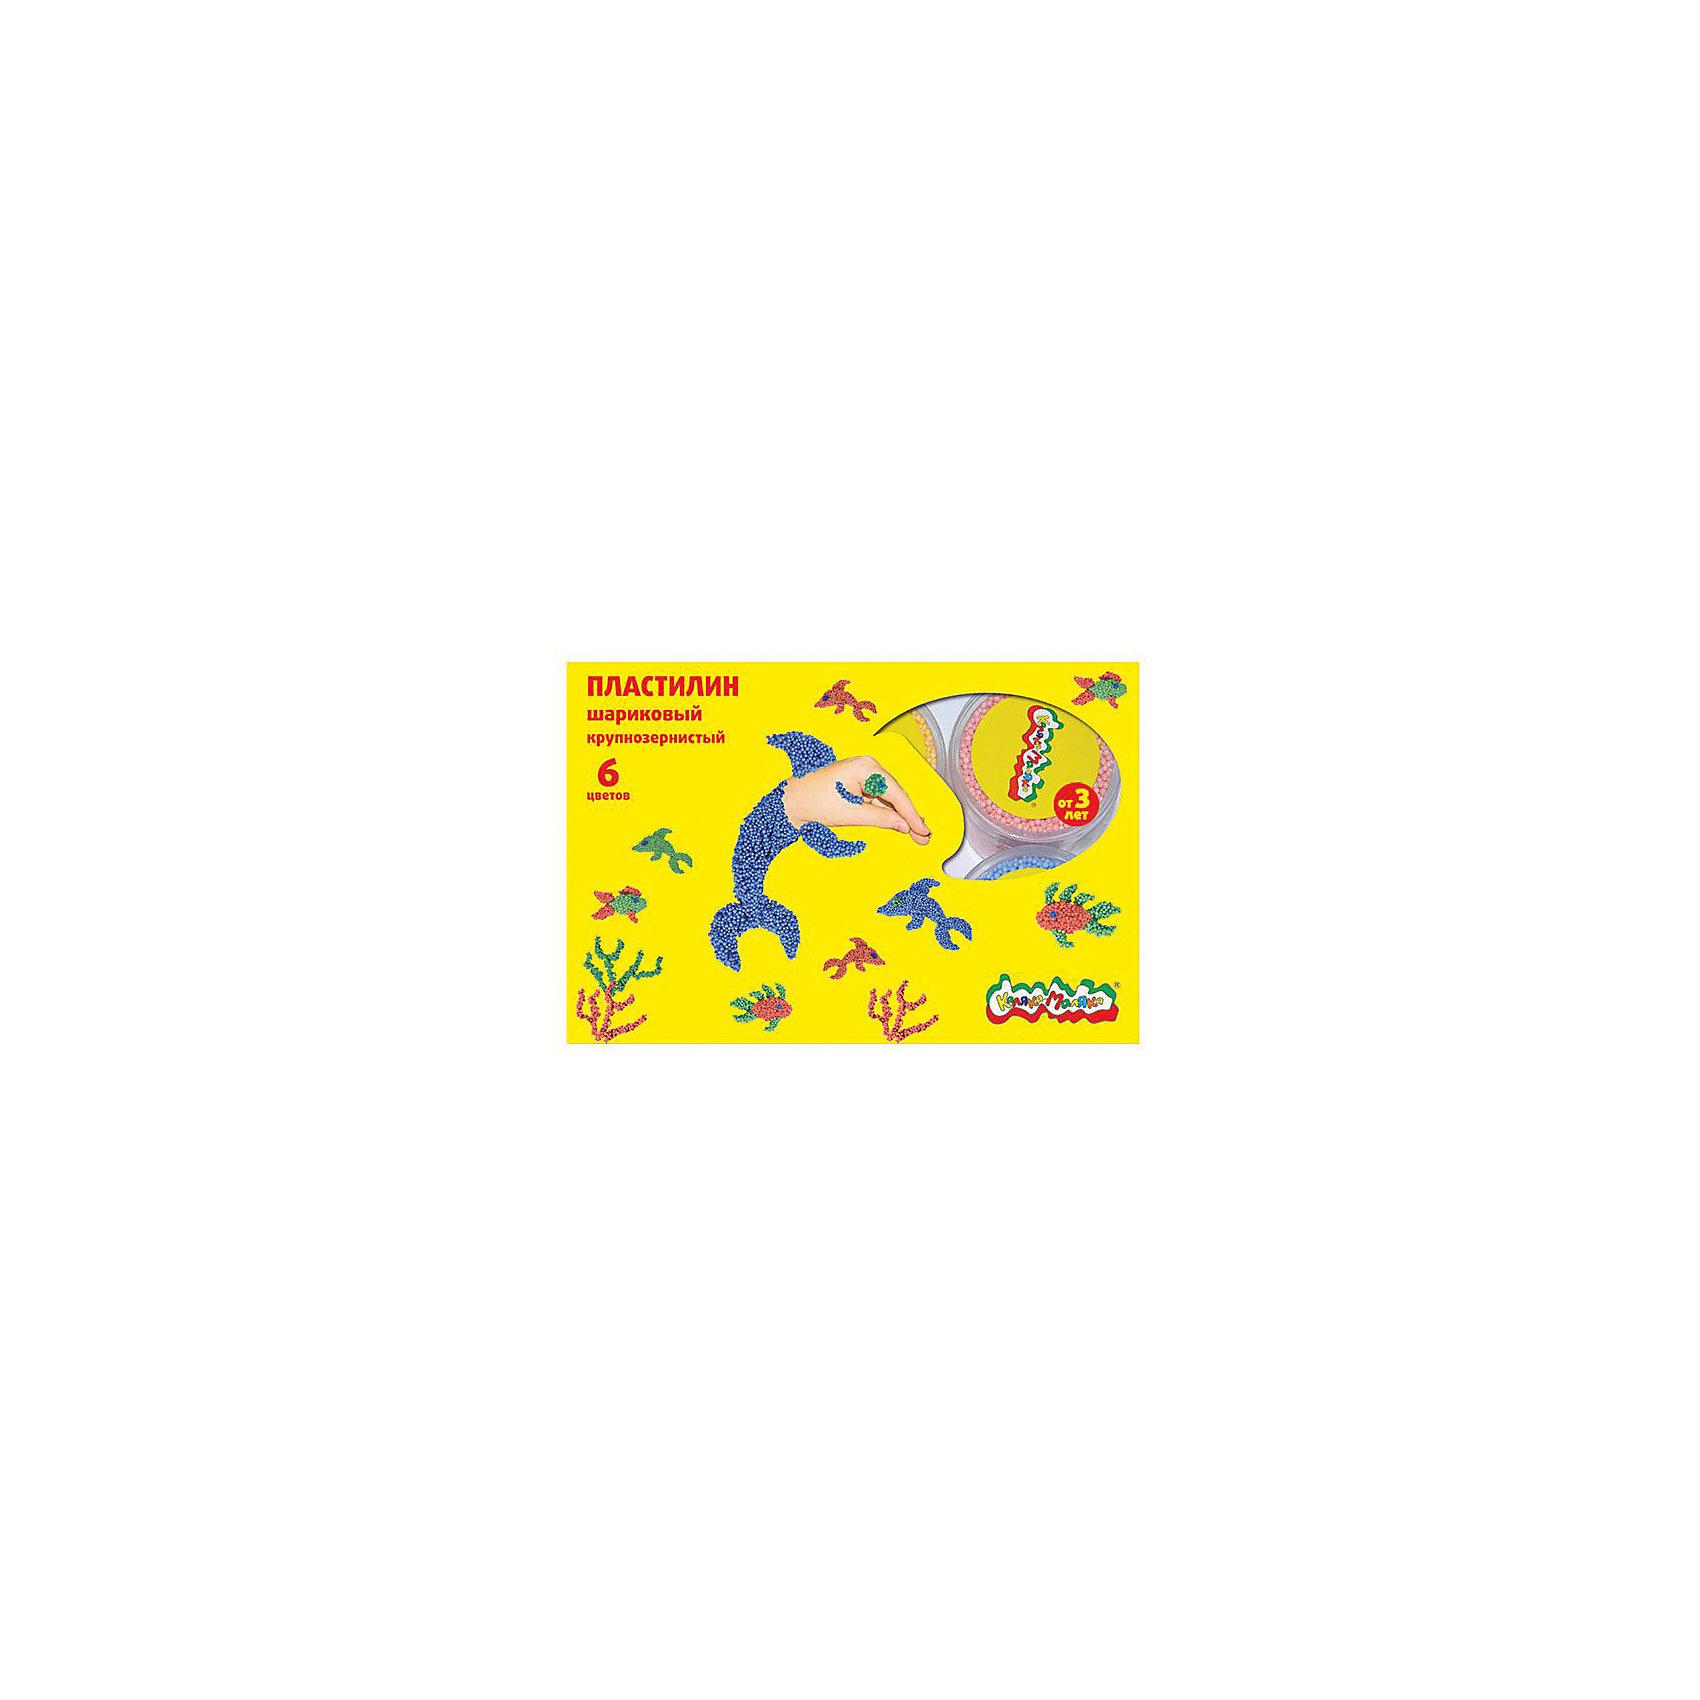 Шариковый пластилин 6 цветовПластилин не застывает на воздухе, что позволяет использовать его снова и снова. Легкие шарики, из которых он состоит, соединены клеевым раствором. Он не прилипает к рукам, но позволяет прочно скреплять между собой элементы лепки. Шариковый крупнозернистый пластилин Каляка-Маляка® идеально подходит для самых маленьких деток: он легко делится на части и позволяет создавать простые и понятные ребенку фигурки. В ассортименте имеются наборы из 4 цветов - (желтый, синий, розовый, салатовый) и 6 цветов - (желтый, синий, розовый, салатовый, персиковый, сиреневый) Вес одной баночки в наборе 12 г.<br><br>Ширина мм: 235<br>Глубина мм: 195<br>Высота мм: 50<br>Вес г: 115<br>Возраст от месяцев: 36<br>Возраст до месяцев: 108<br>Пол: Унисекс<br>Возраст: Детский<br>SKU: 5188789